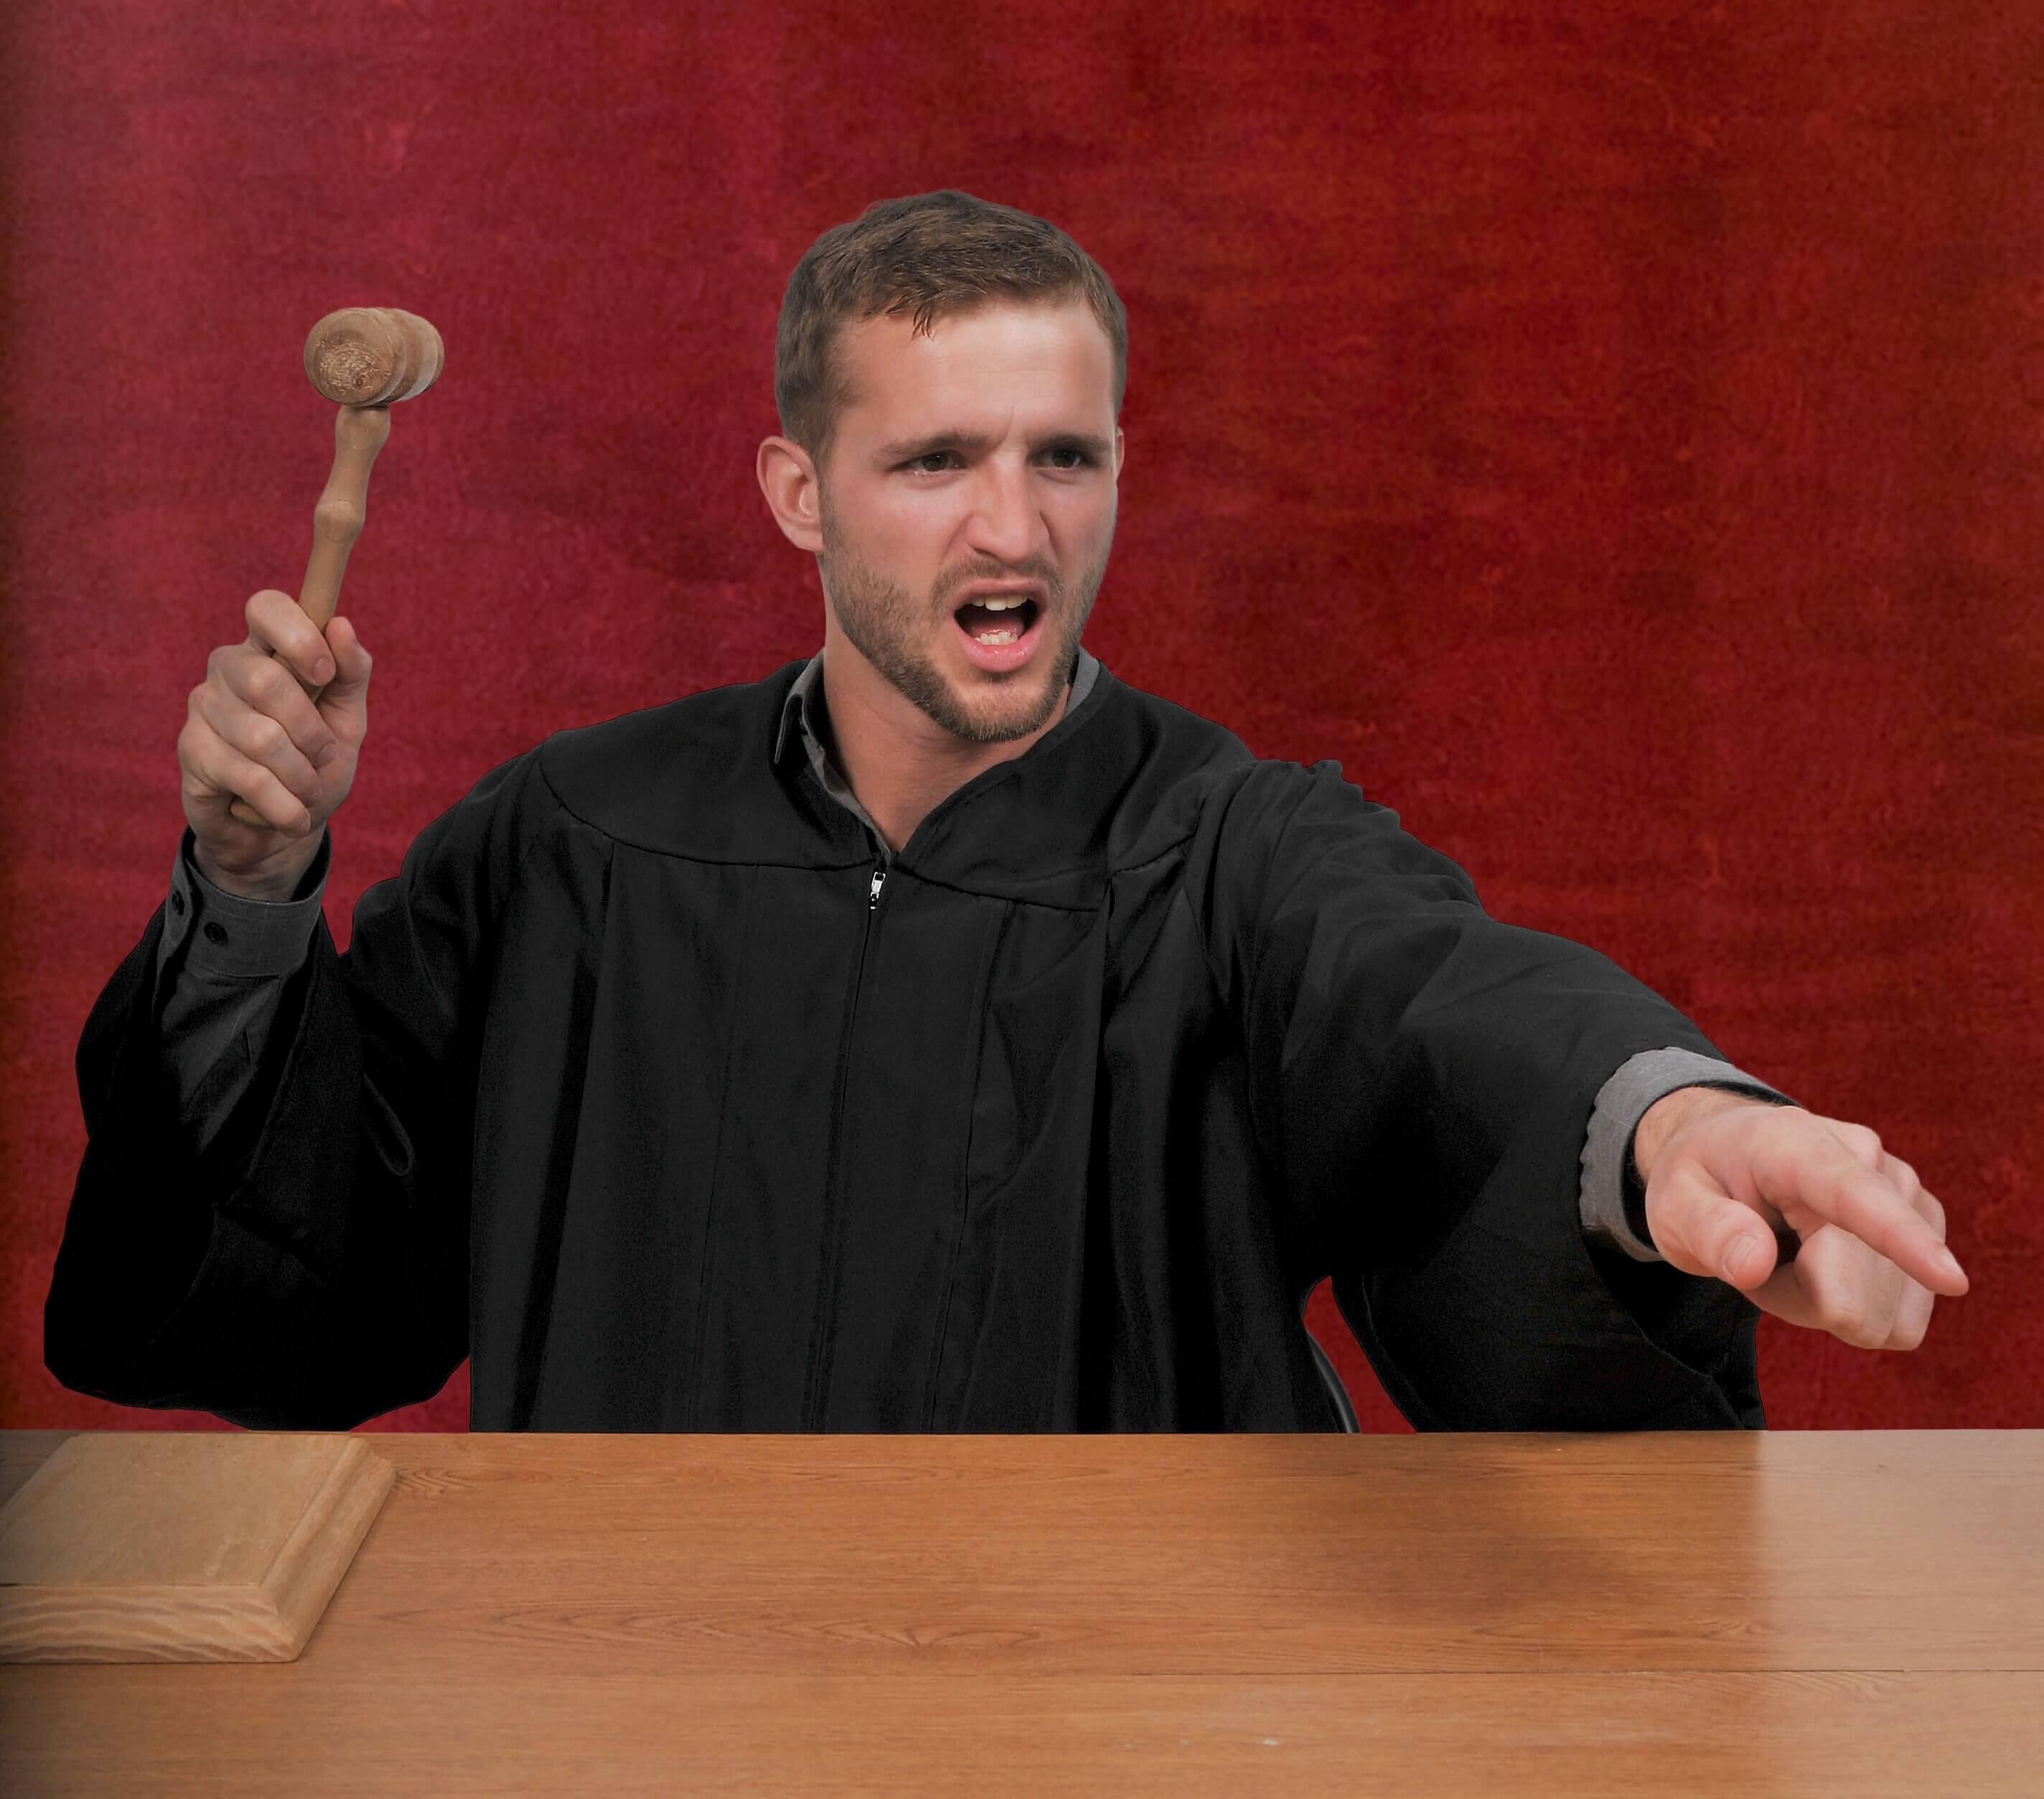 основания отвода прокурора в уголовном процессе